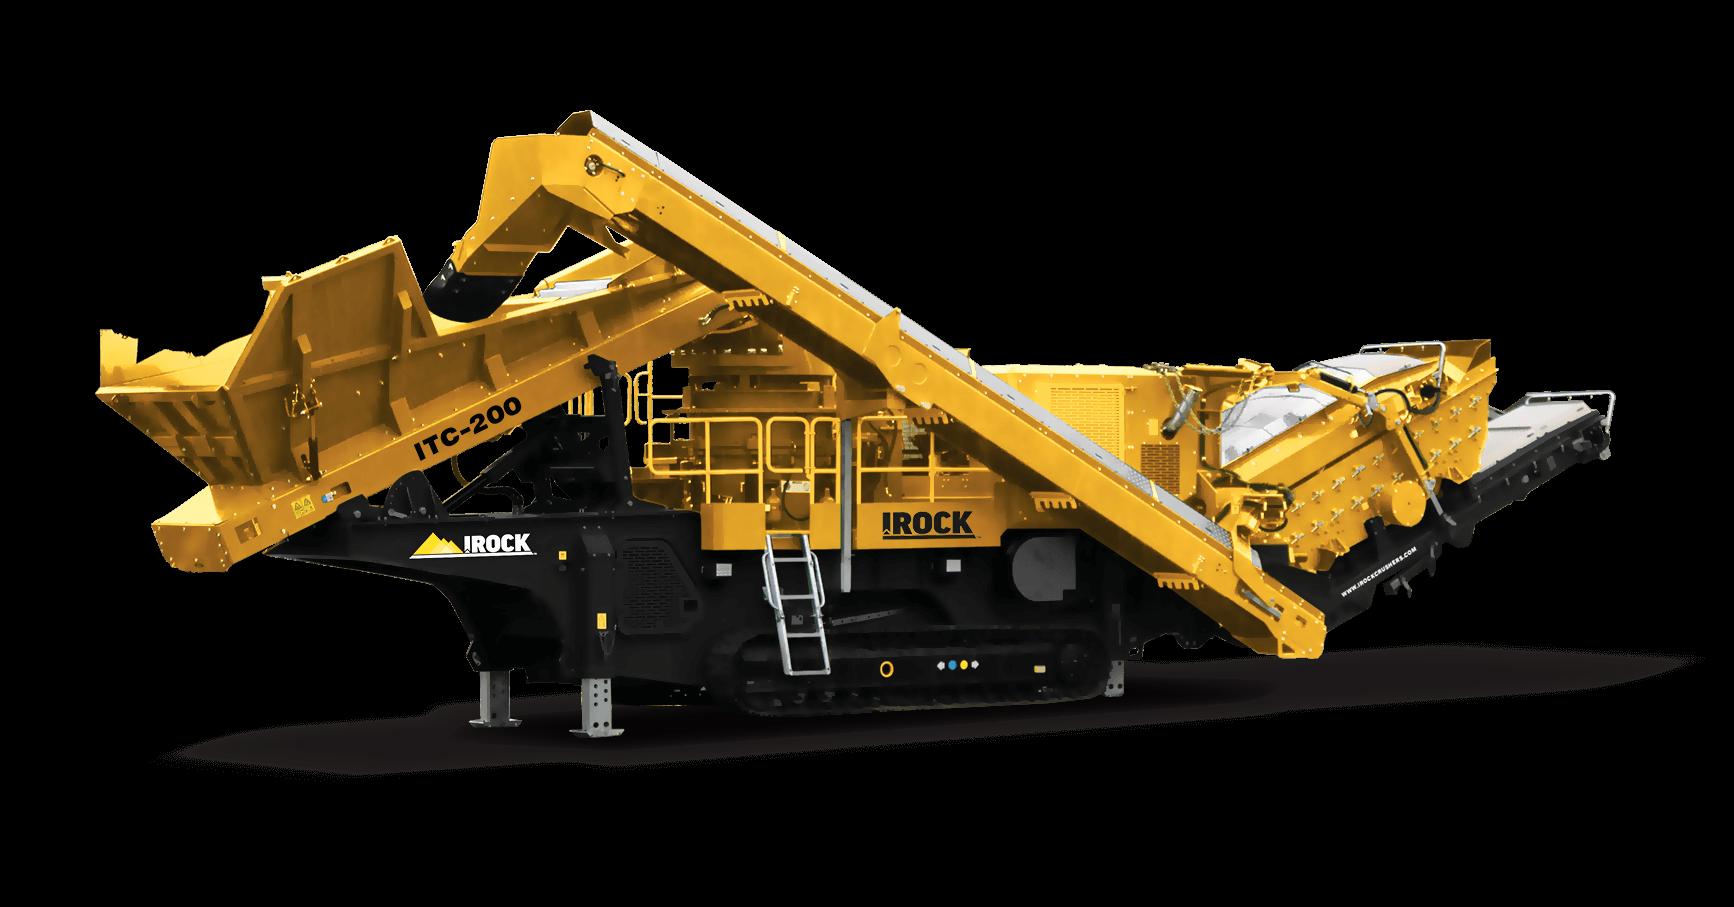 ITC-200